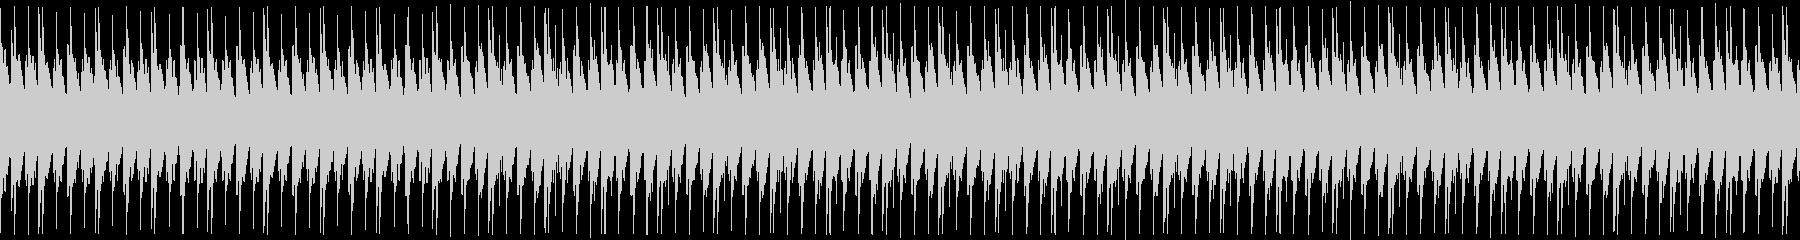 あえて音質に粗さを出したローファイテクノの未再生の波形